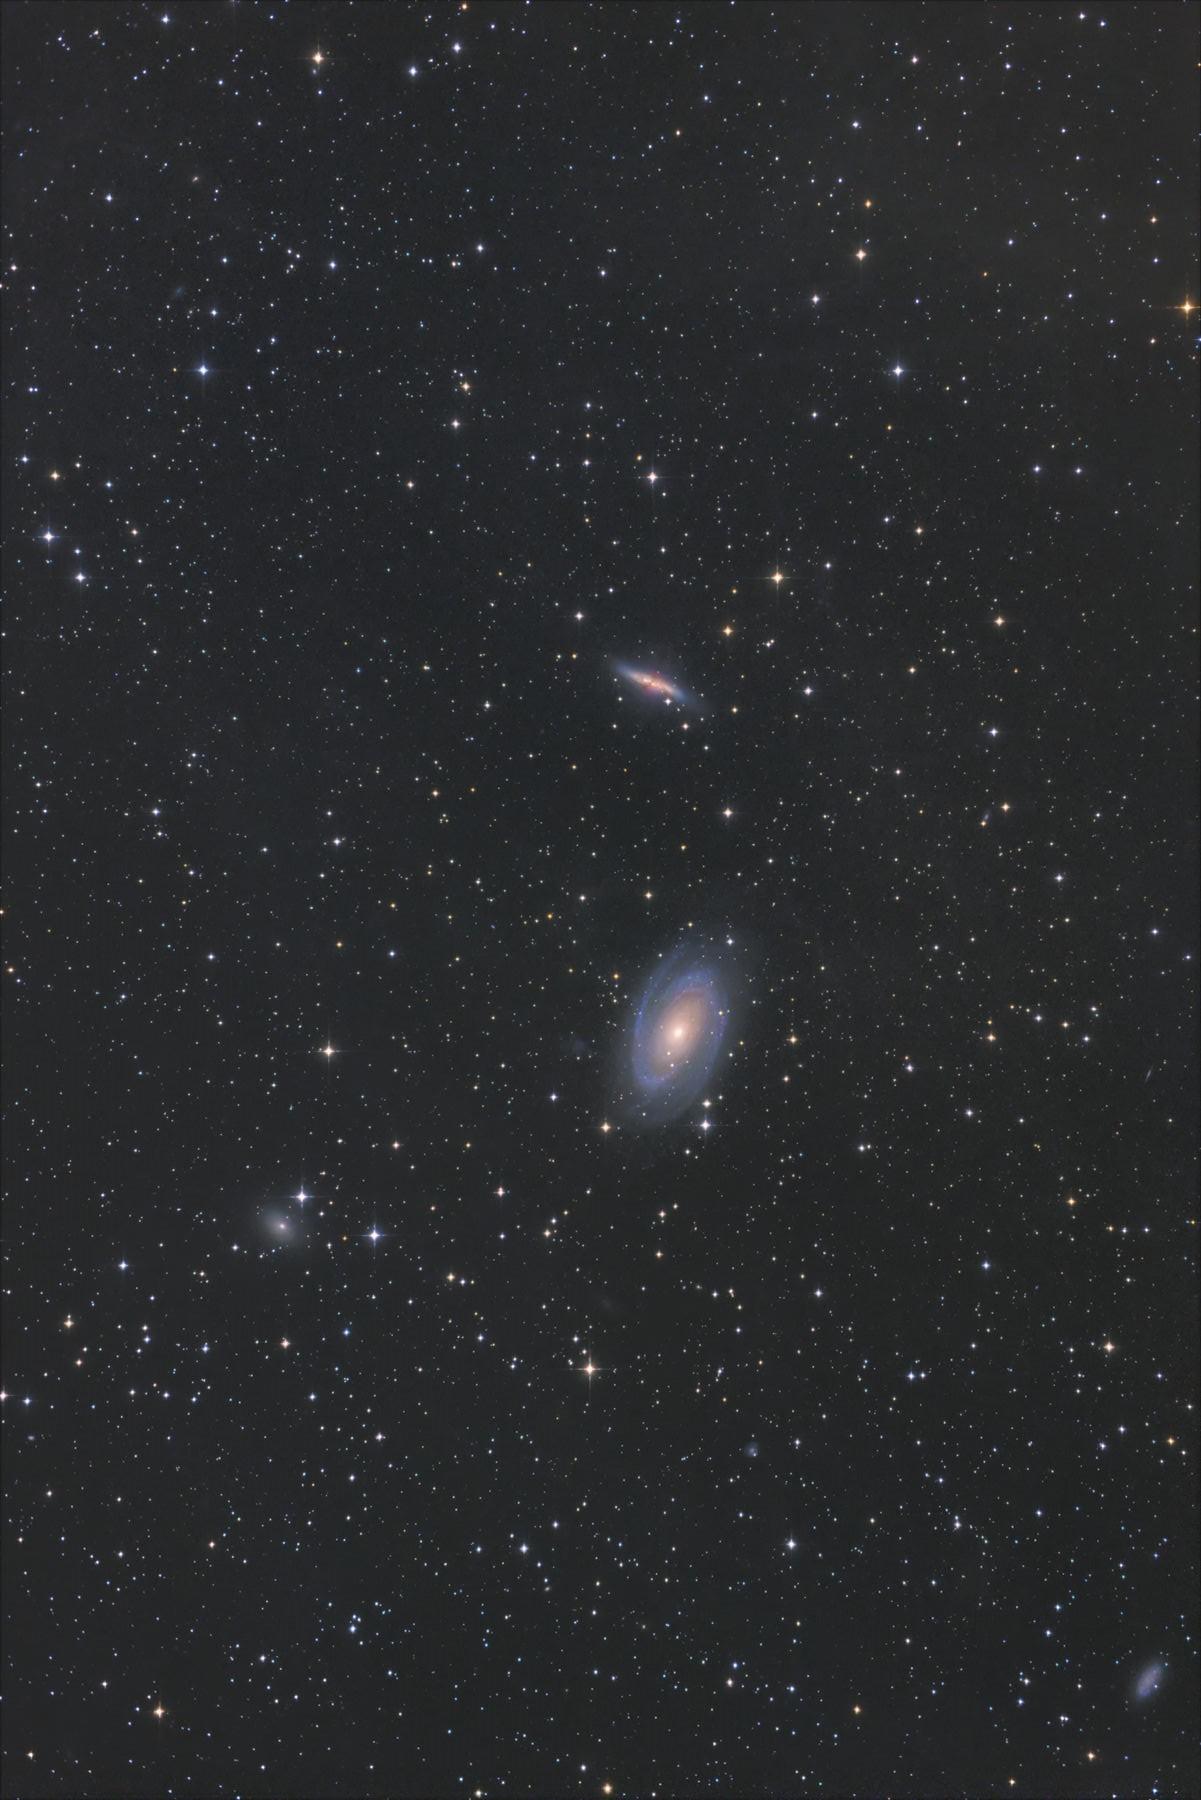 【銀河】M81&M82 ボーデ銀河と葉巻銀河